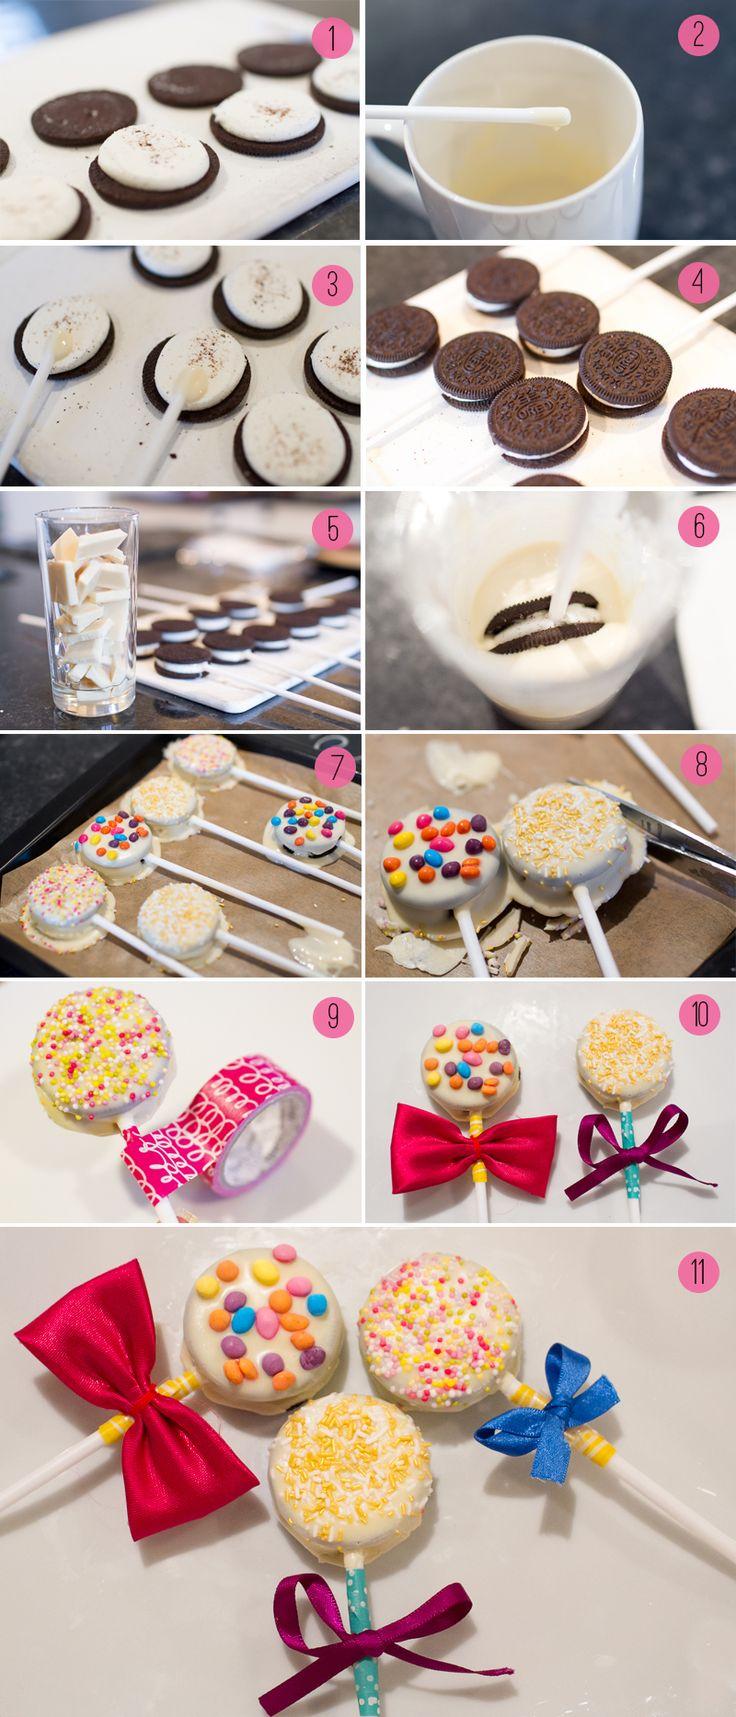 ¿Cómo hacer cake pops con galletas?